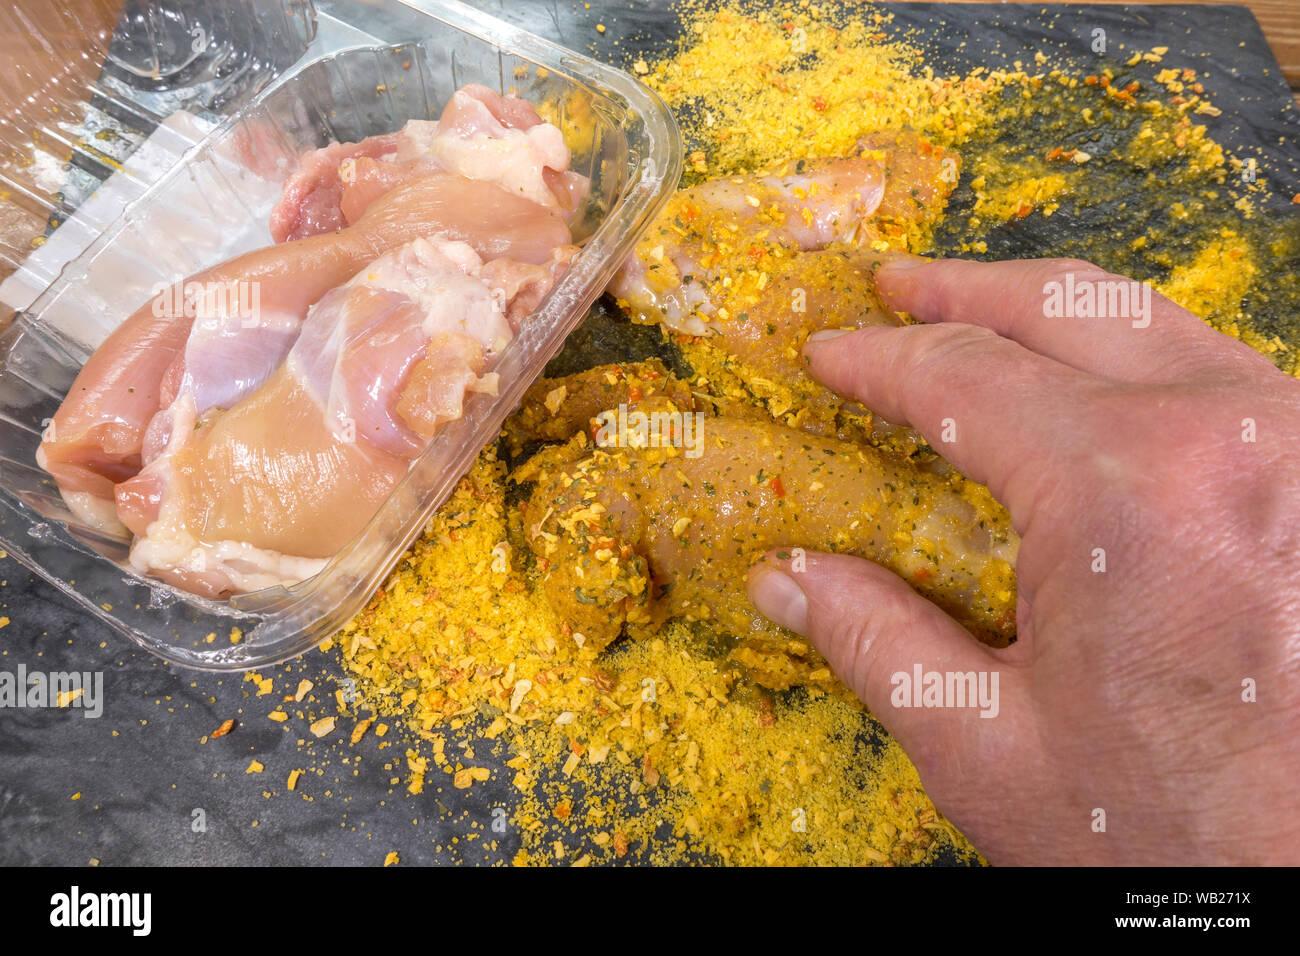 Près d'un coup de frais généraux entre les mains de l'homme des morceaux de revêtement le poulet cru avec un mélange d'assaisonnement sec, prêt pour la cuisson. Banque D'Images